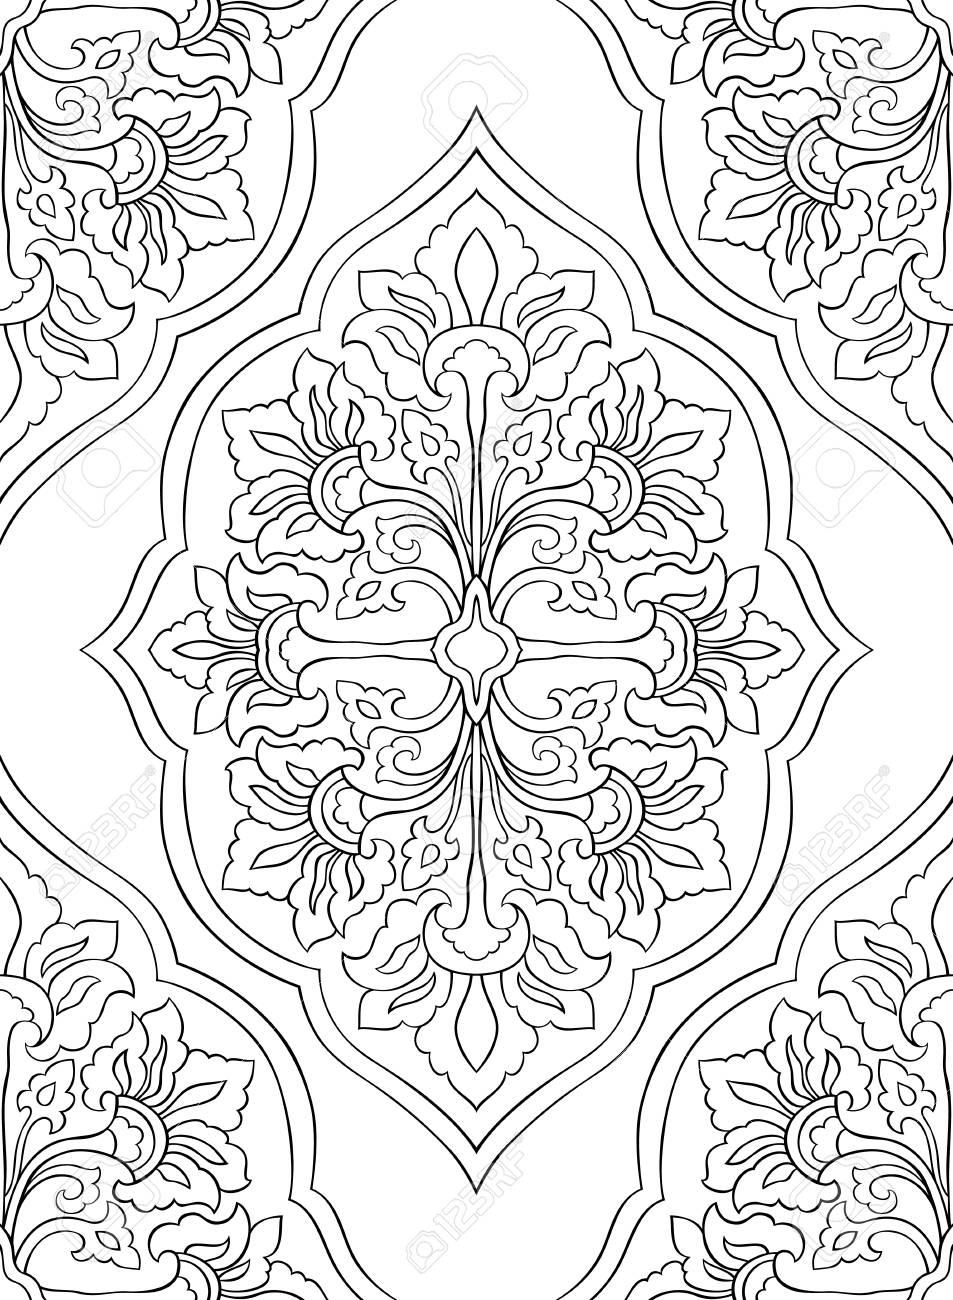 Patrón Con Flores Abstractas. Ornamento De Filigrana Sin Costuras ...